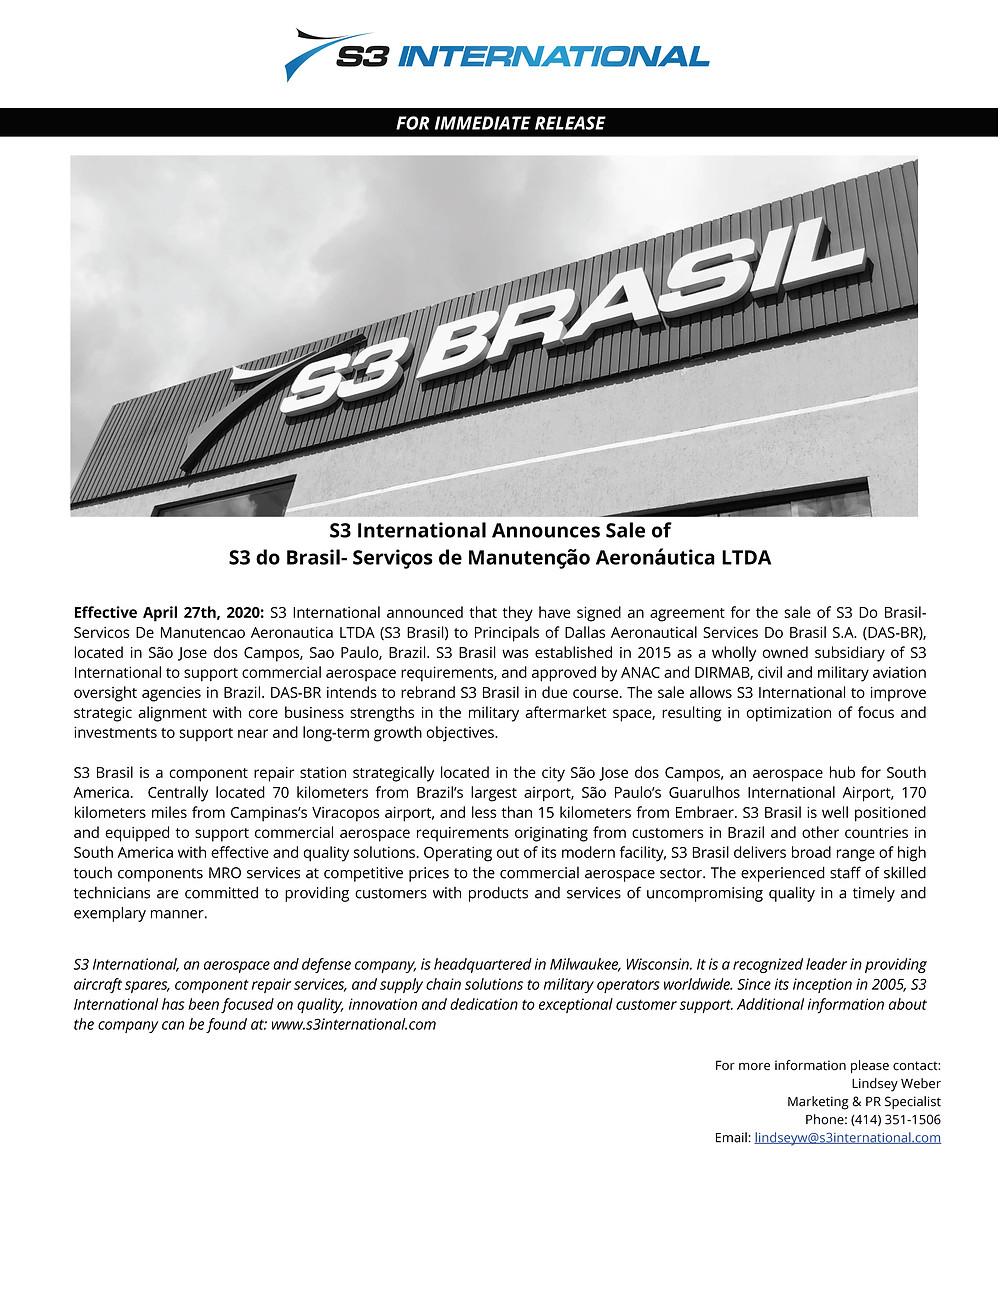 S3 Press Release